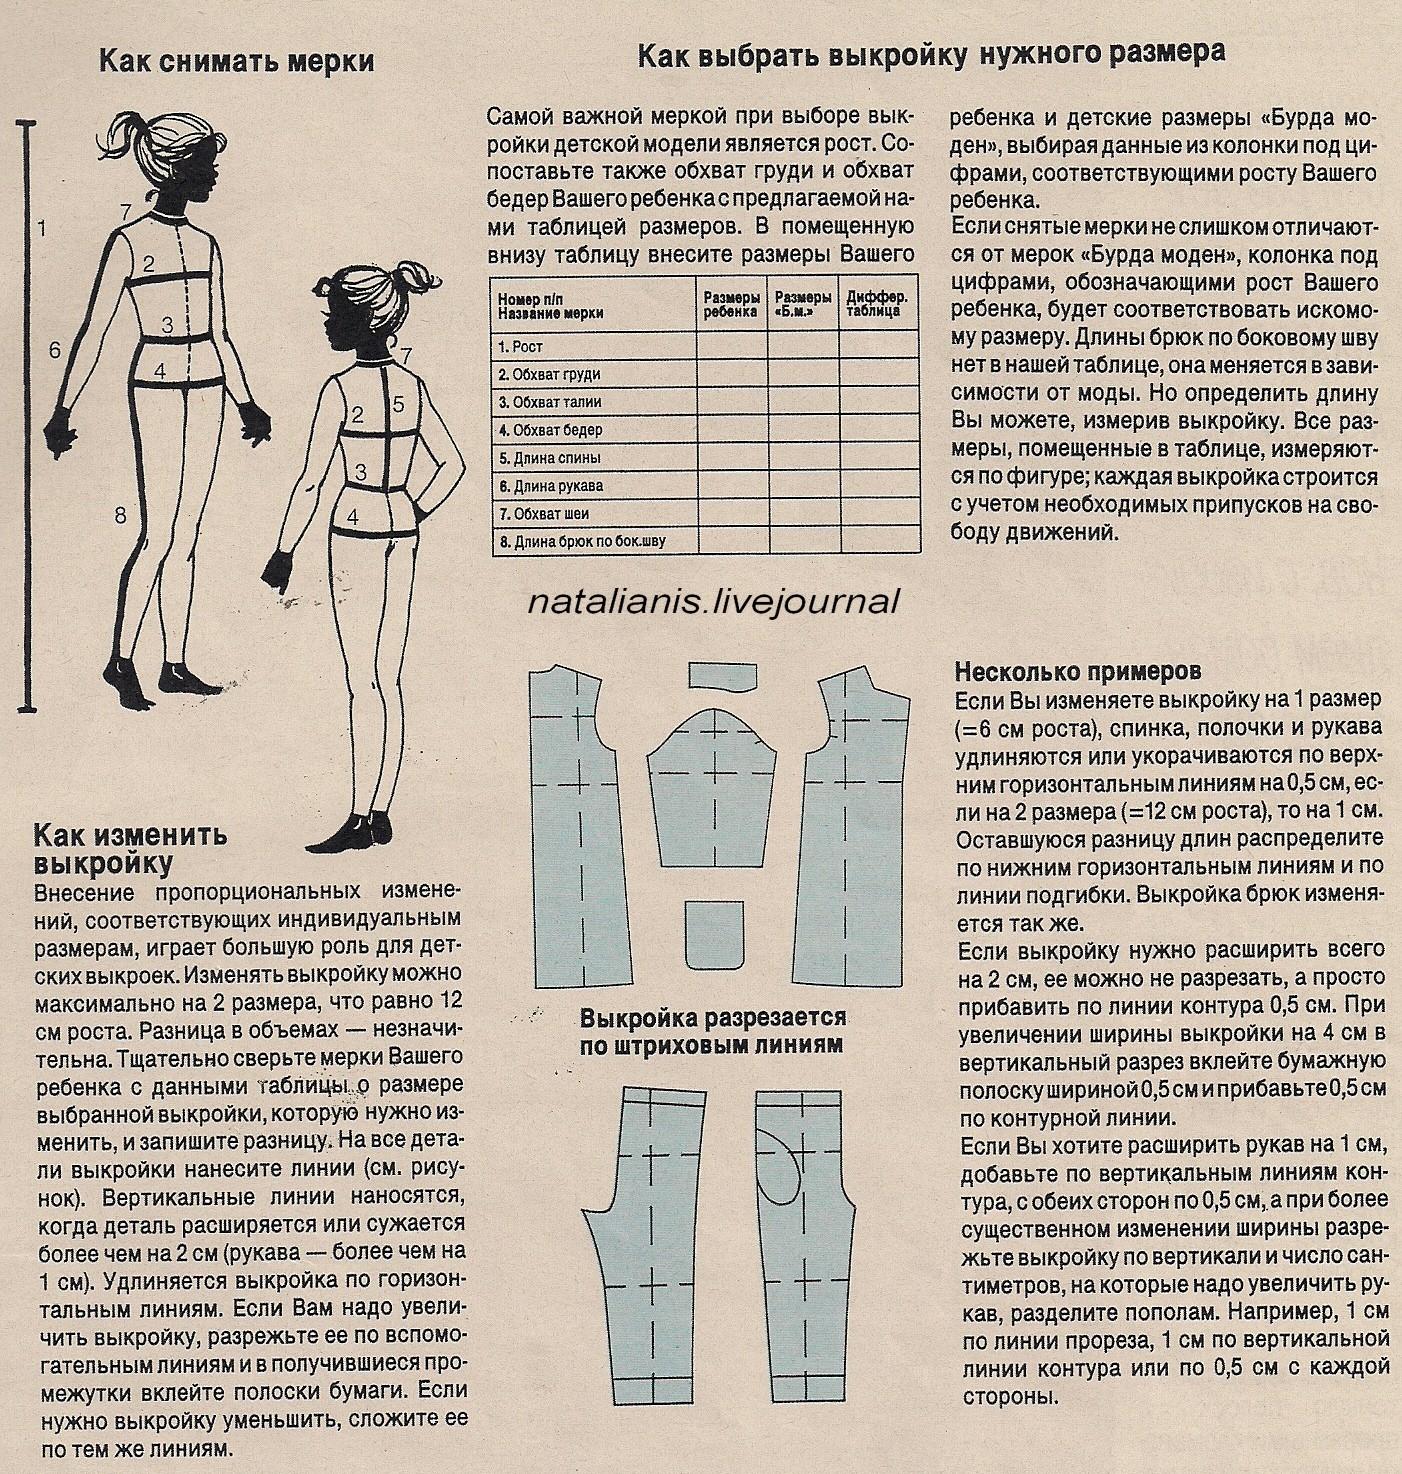 Модель Кара Делевинь- параметры, стиль, макияж, брови, рост и 26